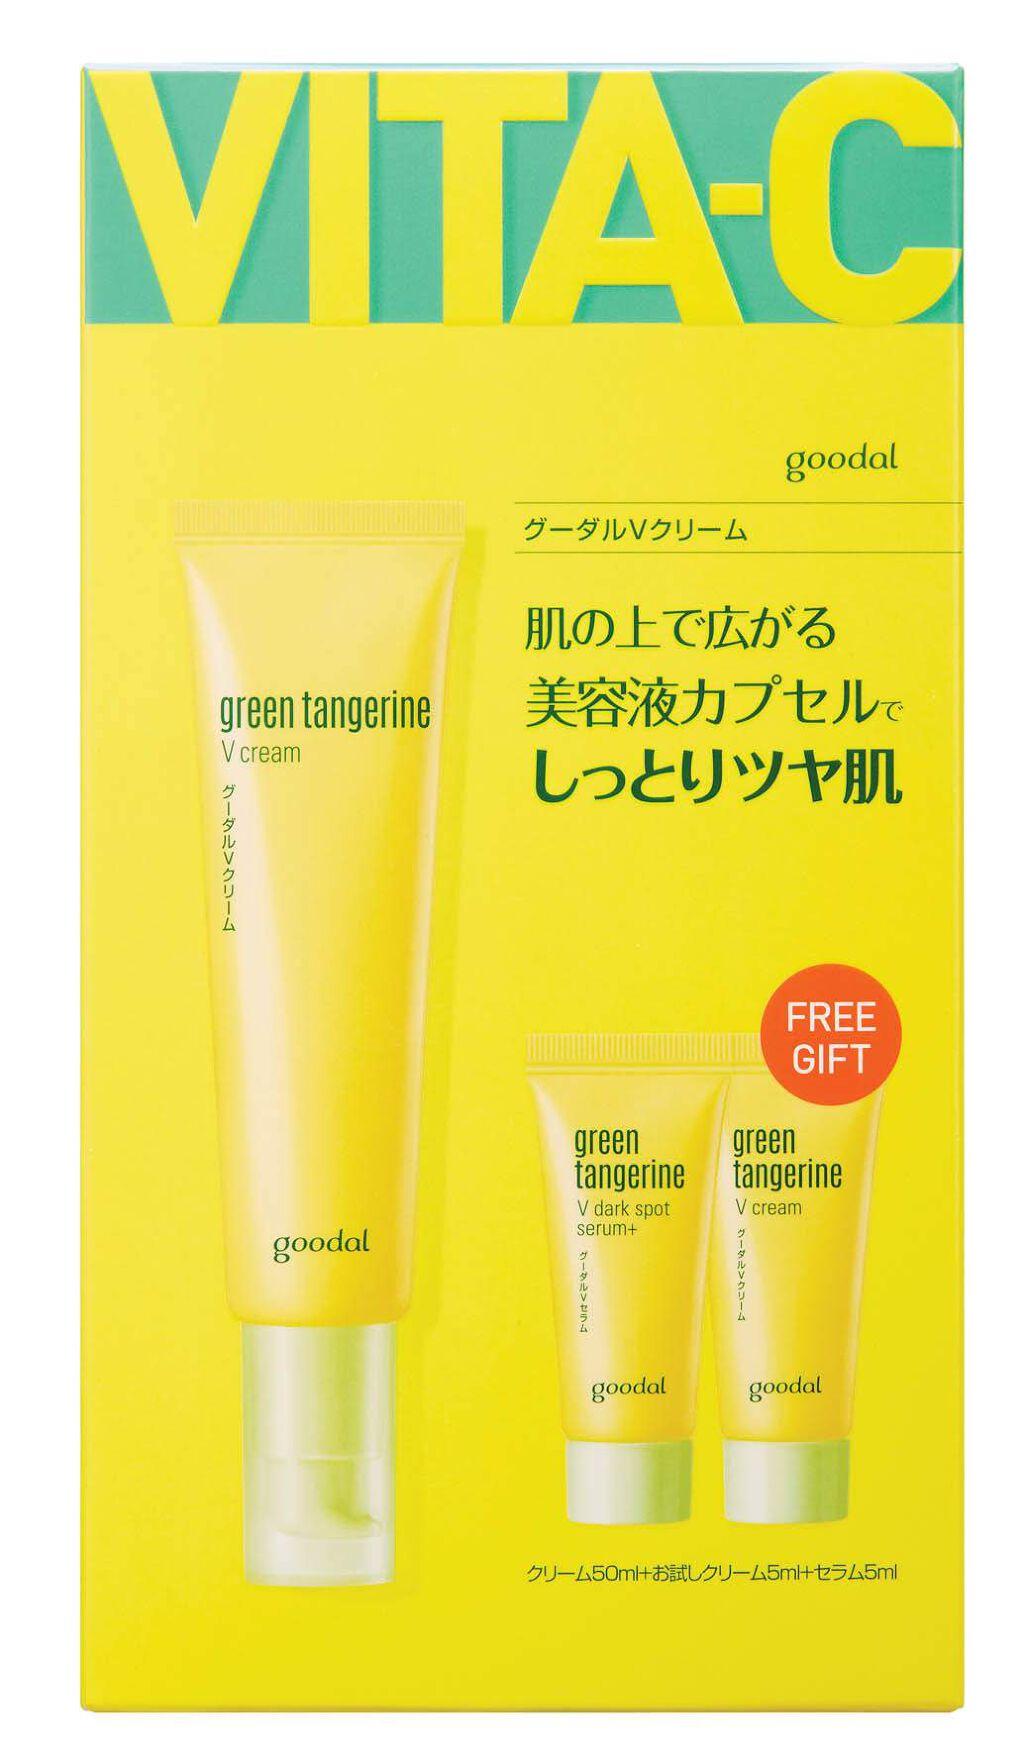 グーダルVクリーム(goodal GREEN TANGERINE V CREAM SET) goodal